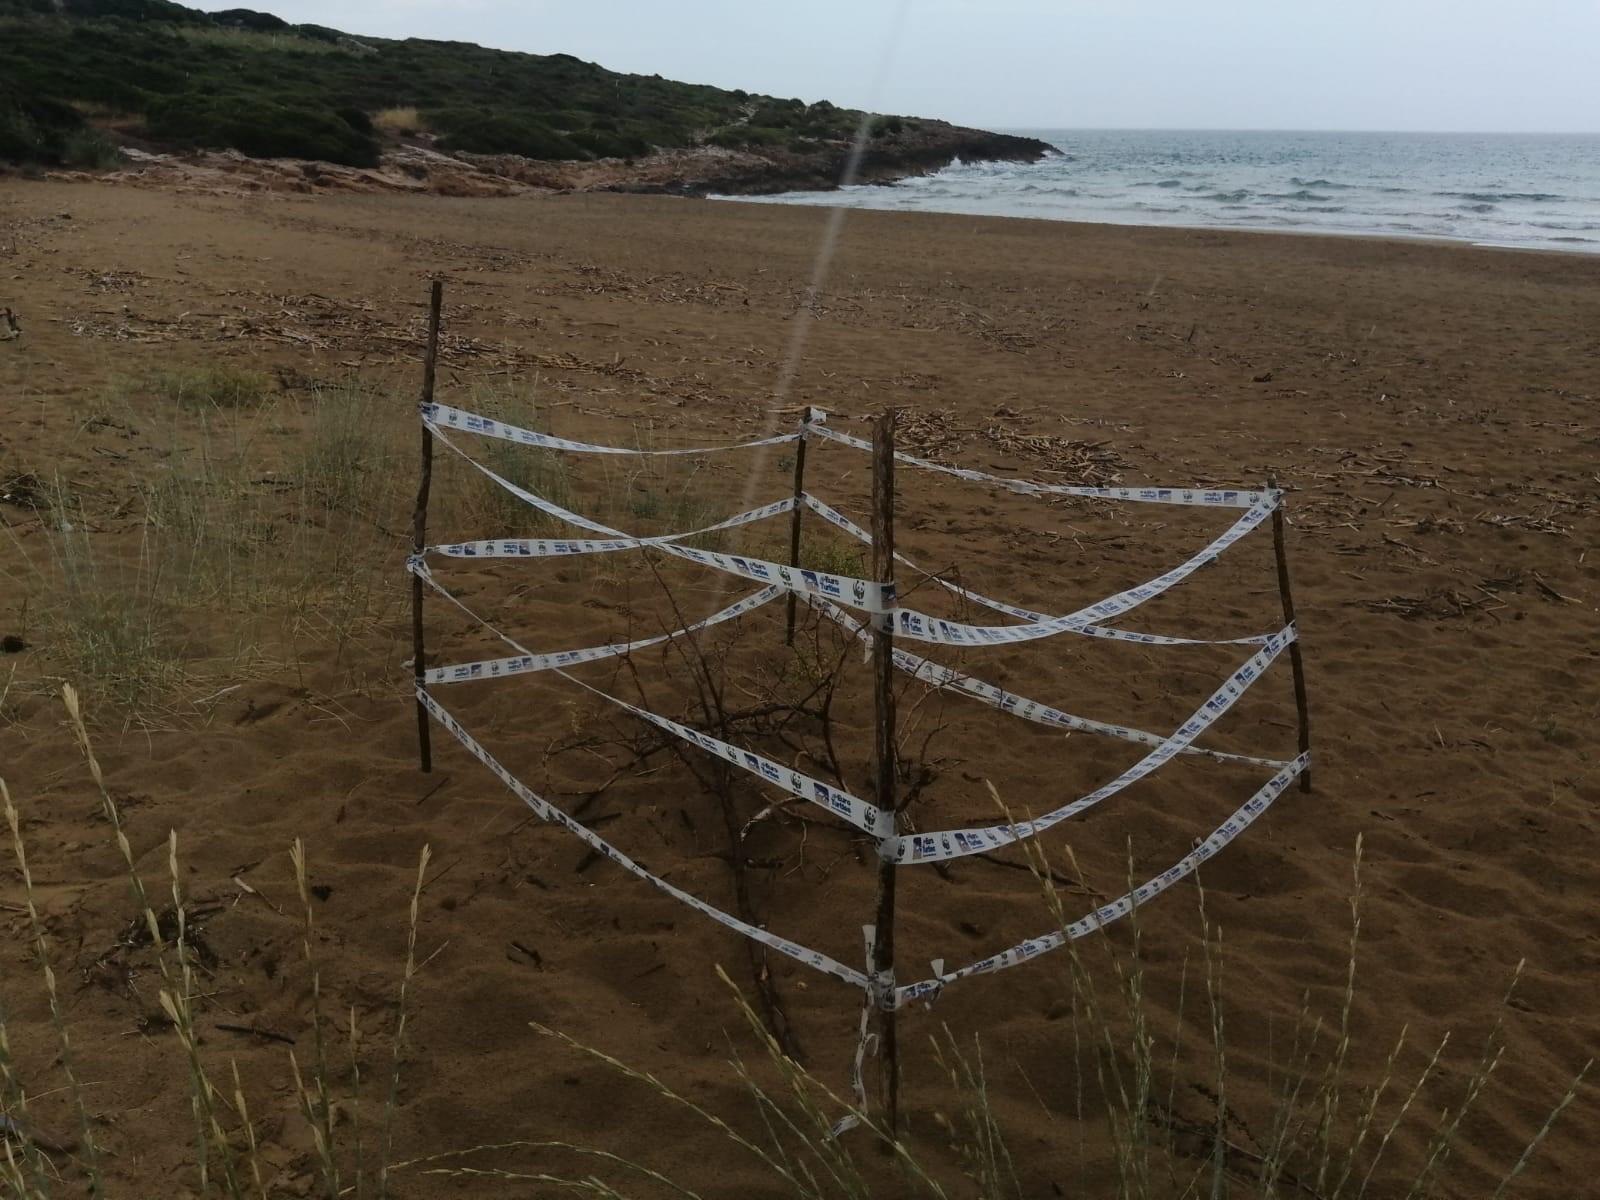 Nido di tartaruga marina sulla spiaggia dell'Eloro: ordinanza di interdizione dell'area